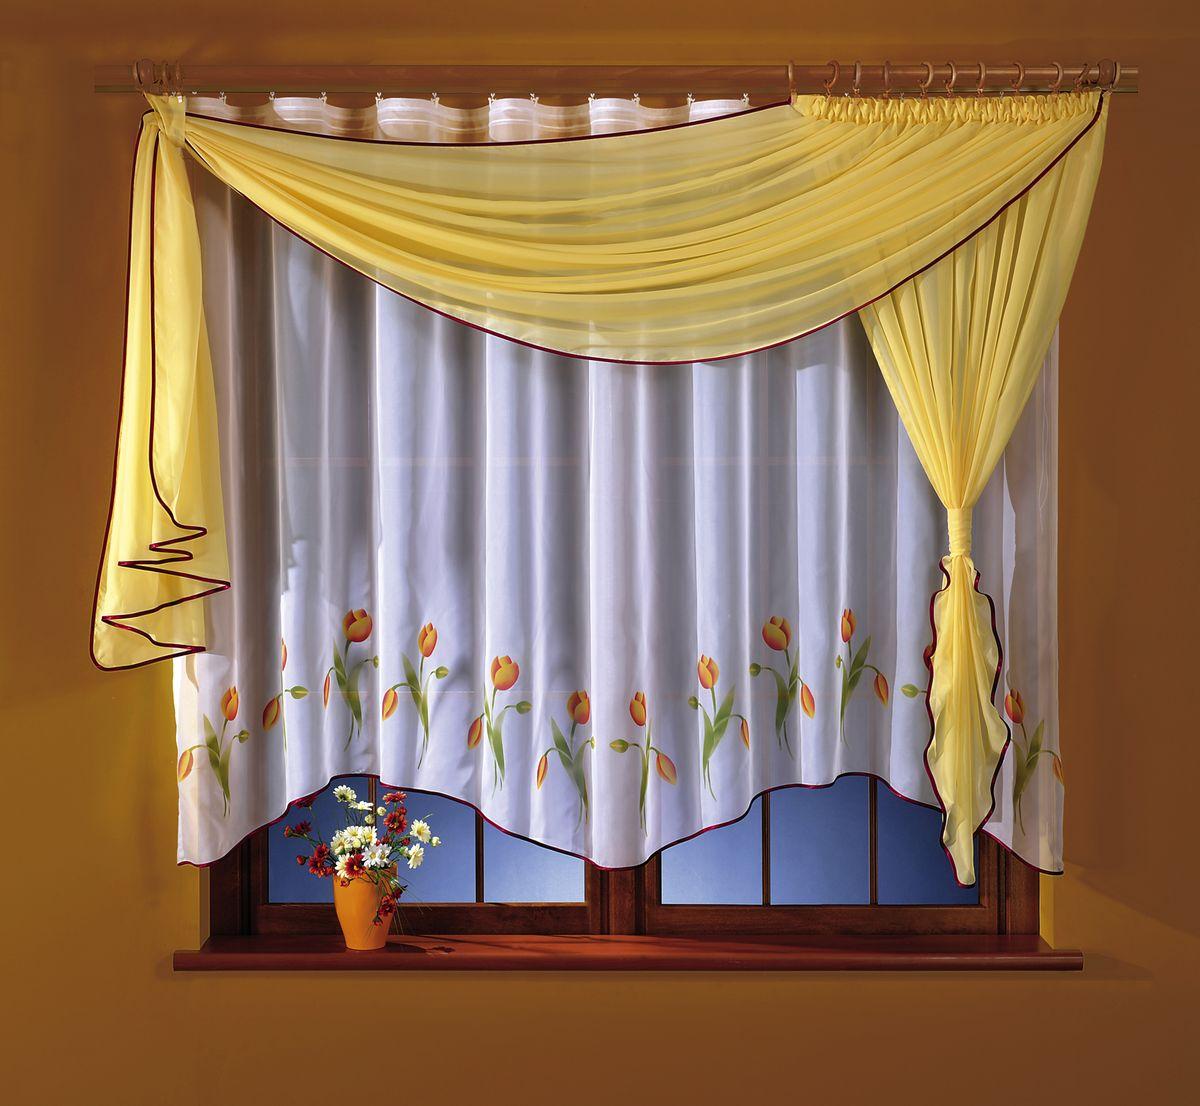 Комплект штор для кухни Wisan Marzenka, на ленте, цвет: белый, желтый, высота 180 см5764 желтаяКомплект штор для кухни Wisan Marzenka выполненный из полиэстера, великолепно украсит любое окно. В комплект входят тюль, ламбрекен и 2 подвяза. Оригинальный и яркий дизайн придают комплекту особый стиль и шарм. Качественный материал, нежная цветовая гамма и роскошное исполнение - все это делает шторы Wisan Marzenka замечательным дополнением интерьера помещения. Комплект оснащен шторной лентой для красивой сборки. В комплект входит: Тюль - 1 шт. Размер (ШхВ): 160 см х 170 см. Ламбрекен - 1 шт. Размер (ШхВ): 50 см х 180 см. Подвяз - 2 шт. Фирма Wisan на польском рынке существует уже более пятидесяти лет и является одной из лучших польских фабрик по производству штор и тканей. Ассортимент фирмы представлен готовыми комплектами штор для гостиной, детской, кухни, а также текстилем для кухни (скатерти, салфетки, дорожки, кухонные занавески). Модельный ряд отличает оригинальный дизайн, высокое качество. Ассортимент...